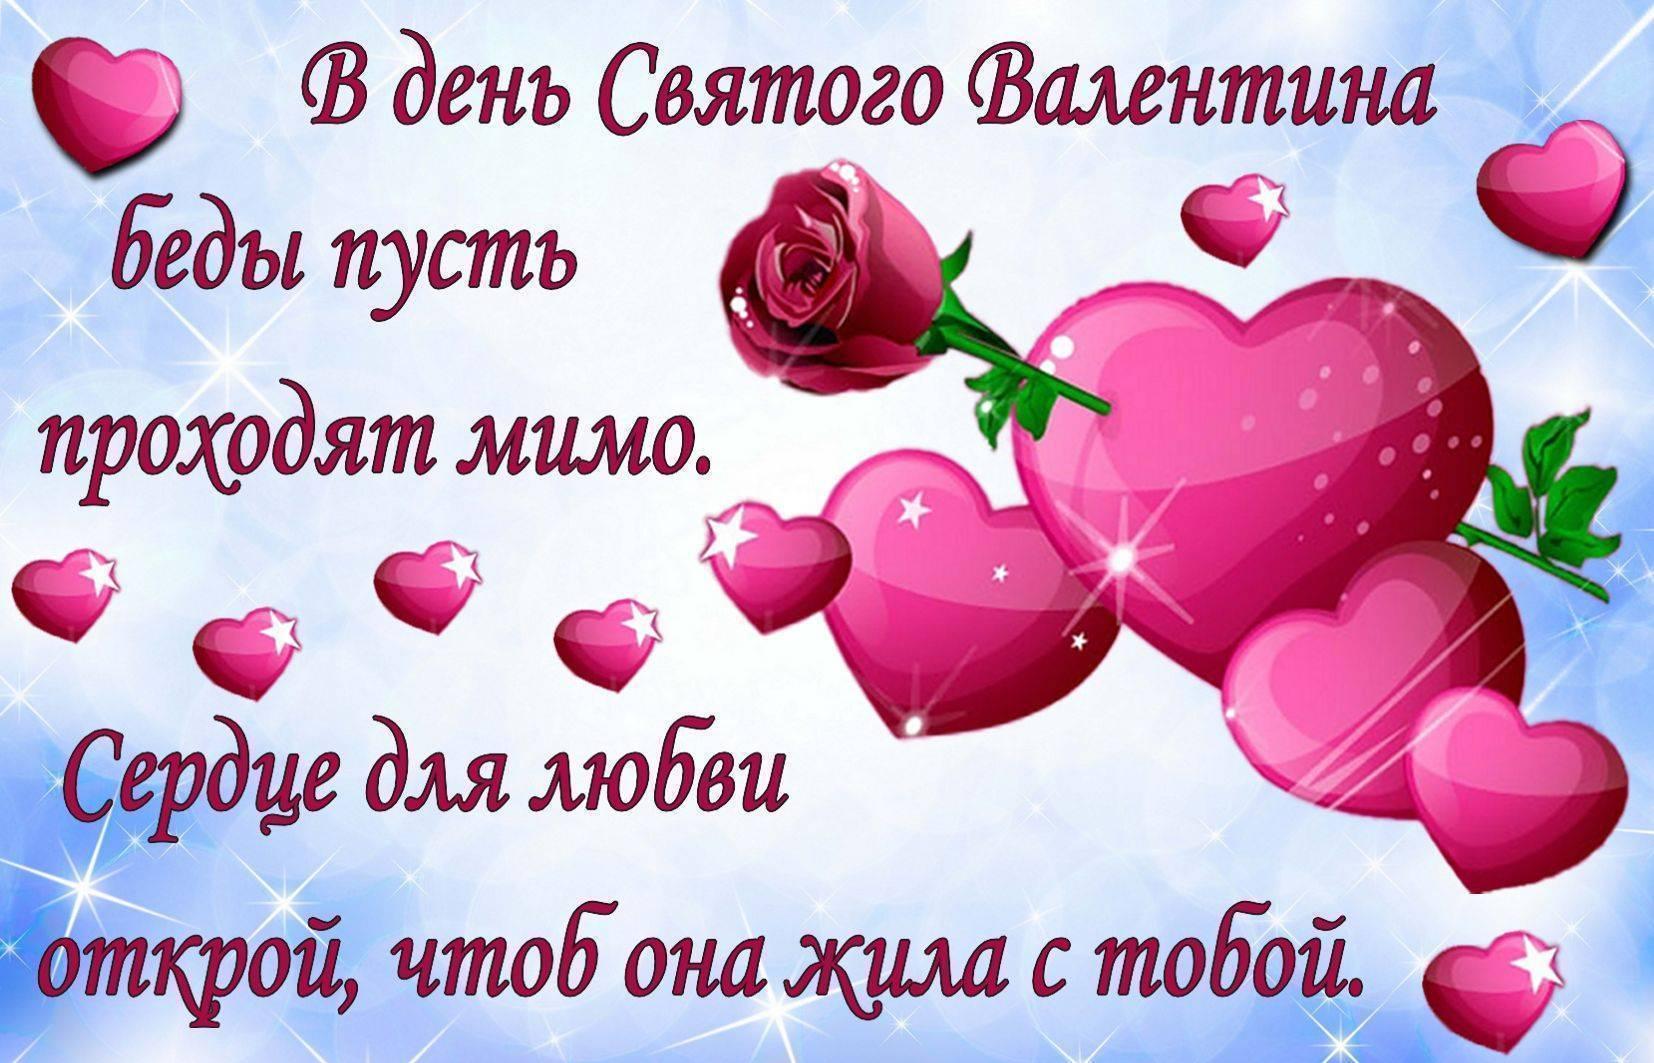 Поздравления в стихах и смс на день святого валентина 14 февраля день всех влюбленных